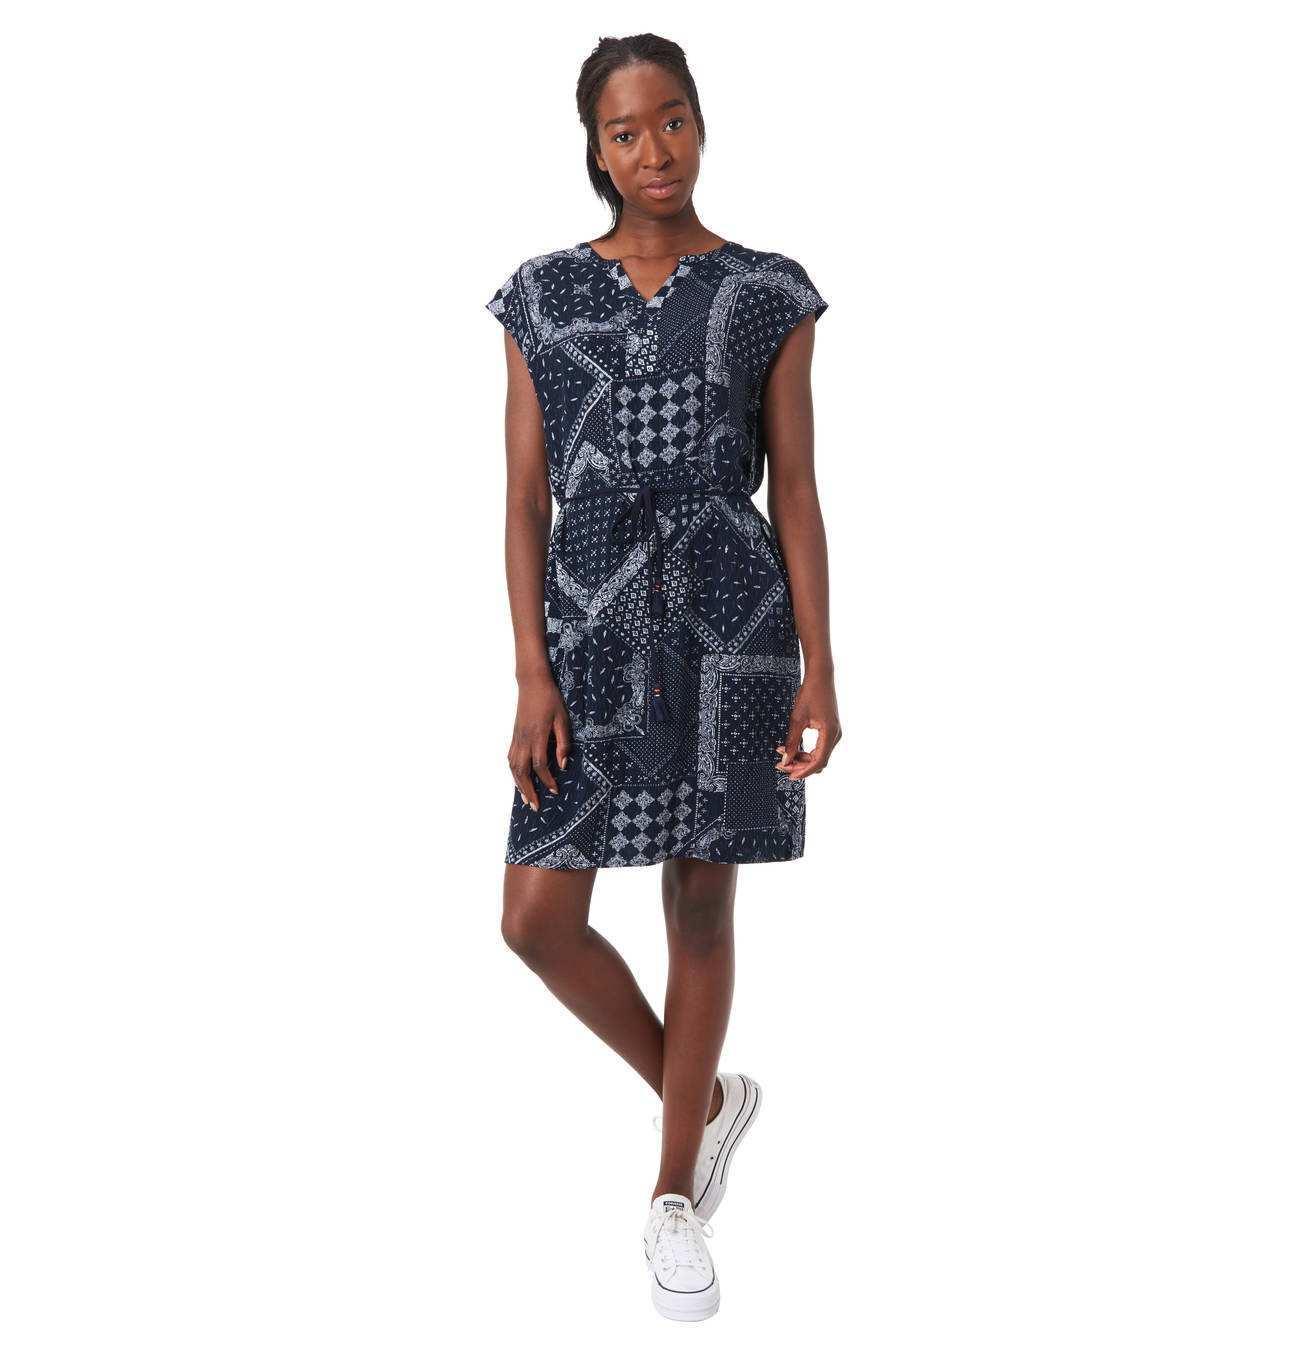 Kleid Ethno Muster Split Neck Bindegurtel Mit Quasten Kleid Arbeit Modestil